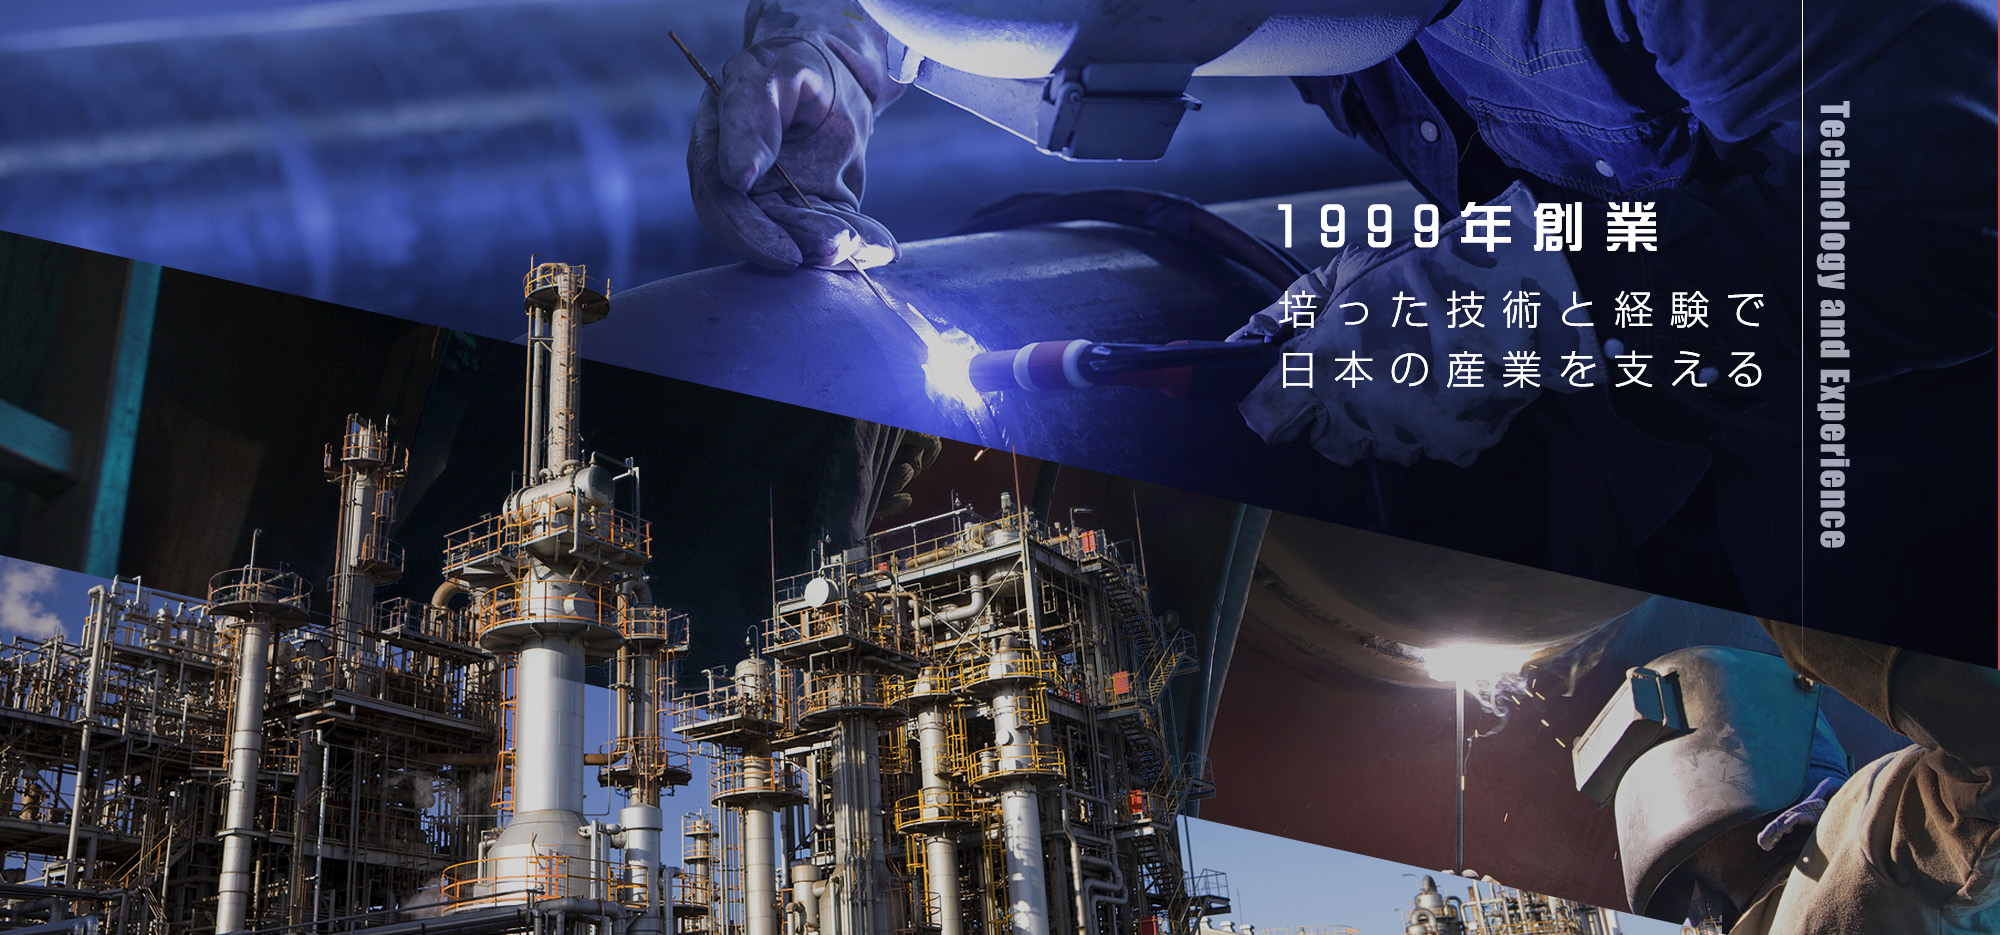 1999年創業 培った技術と経験で 日本の産業を支える